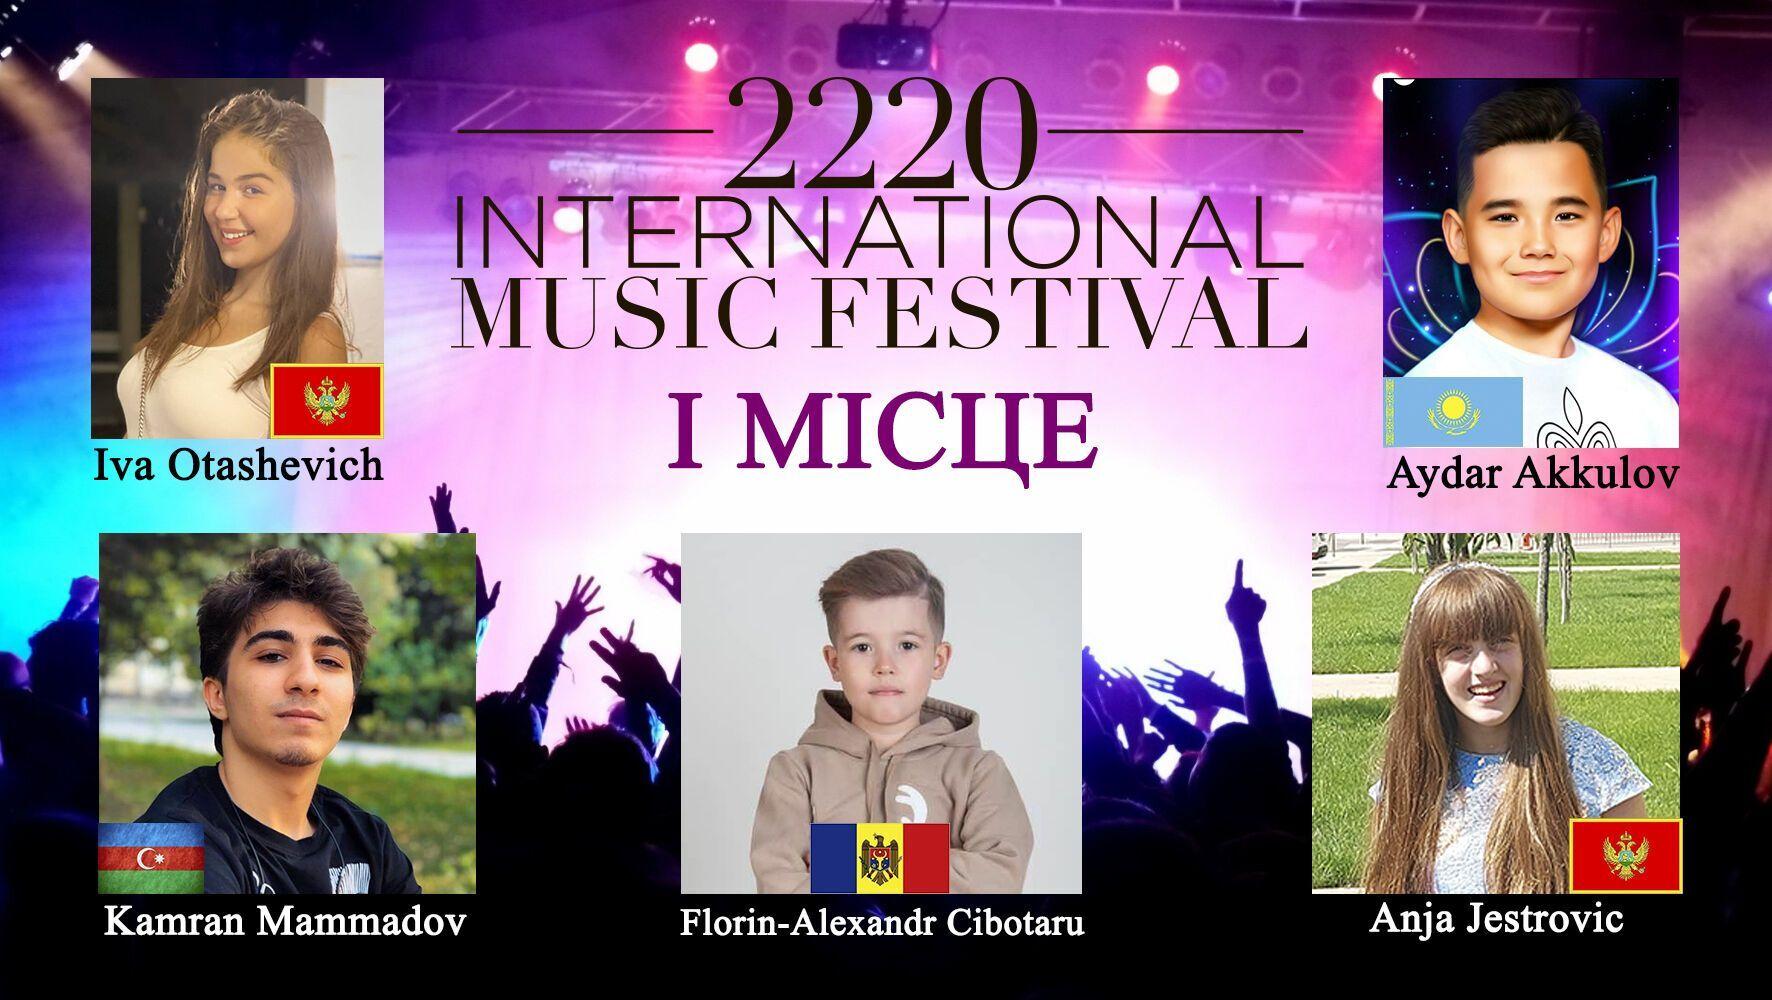 2220 International Music festival.